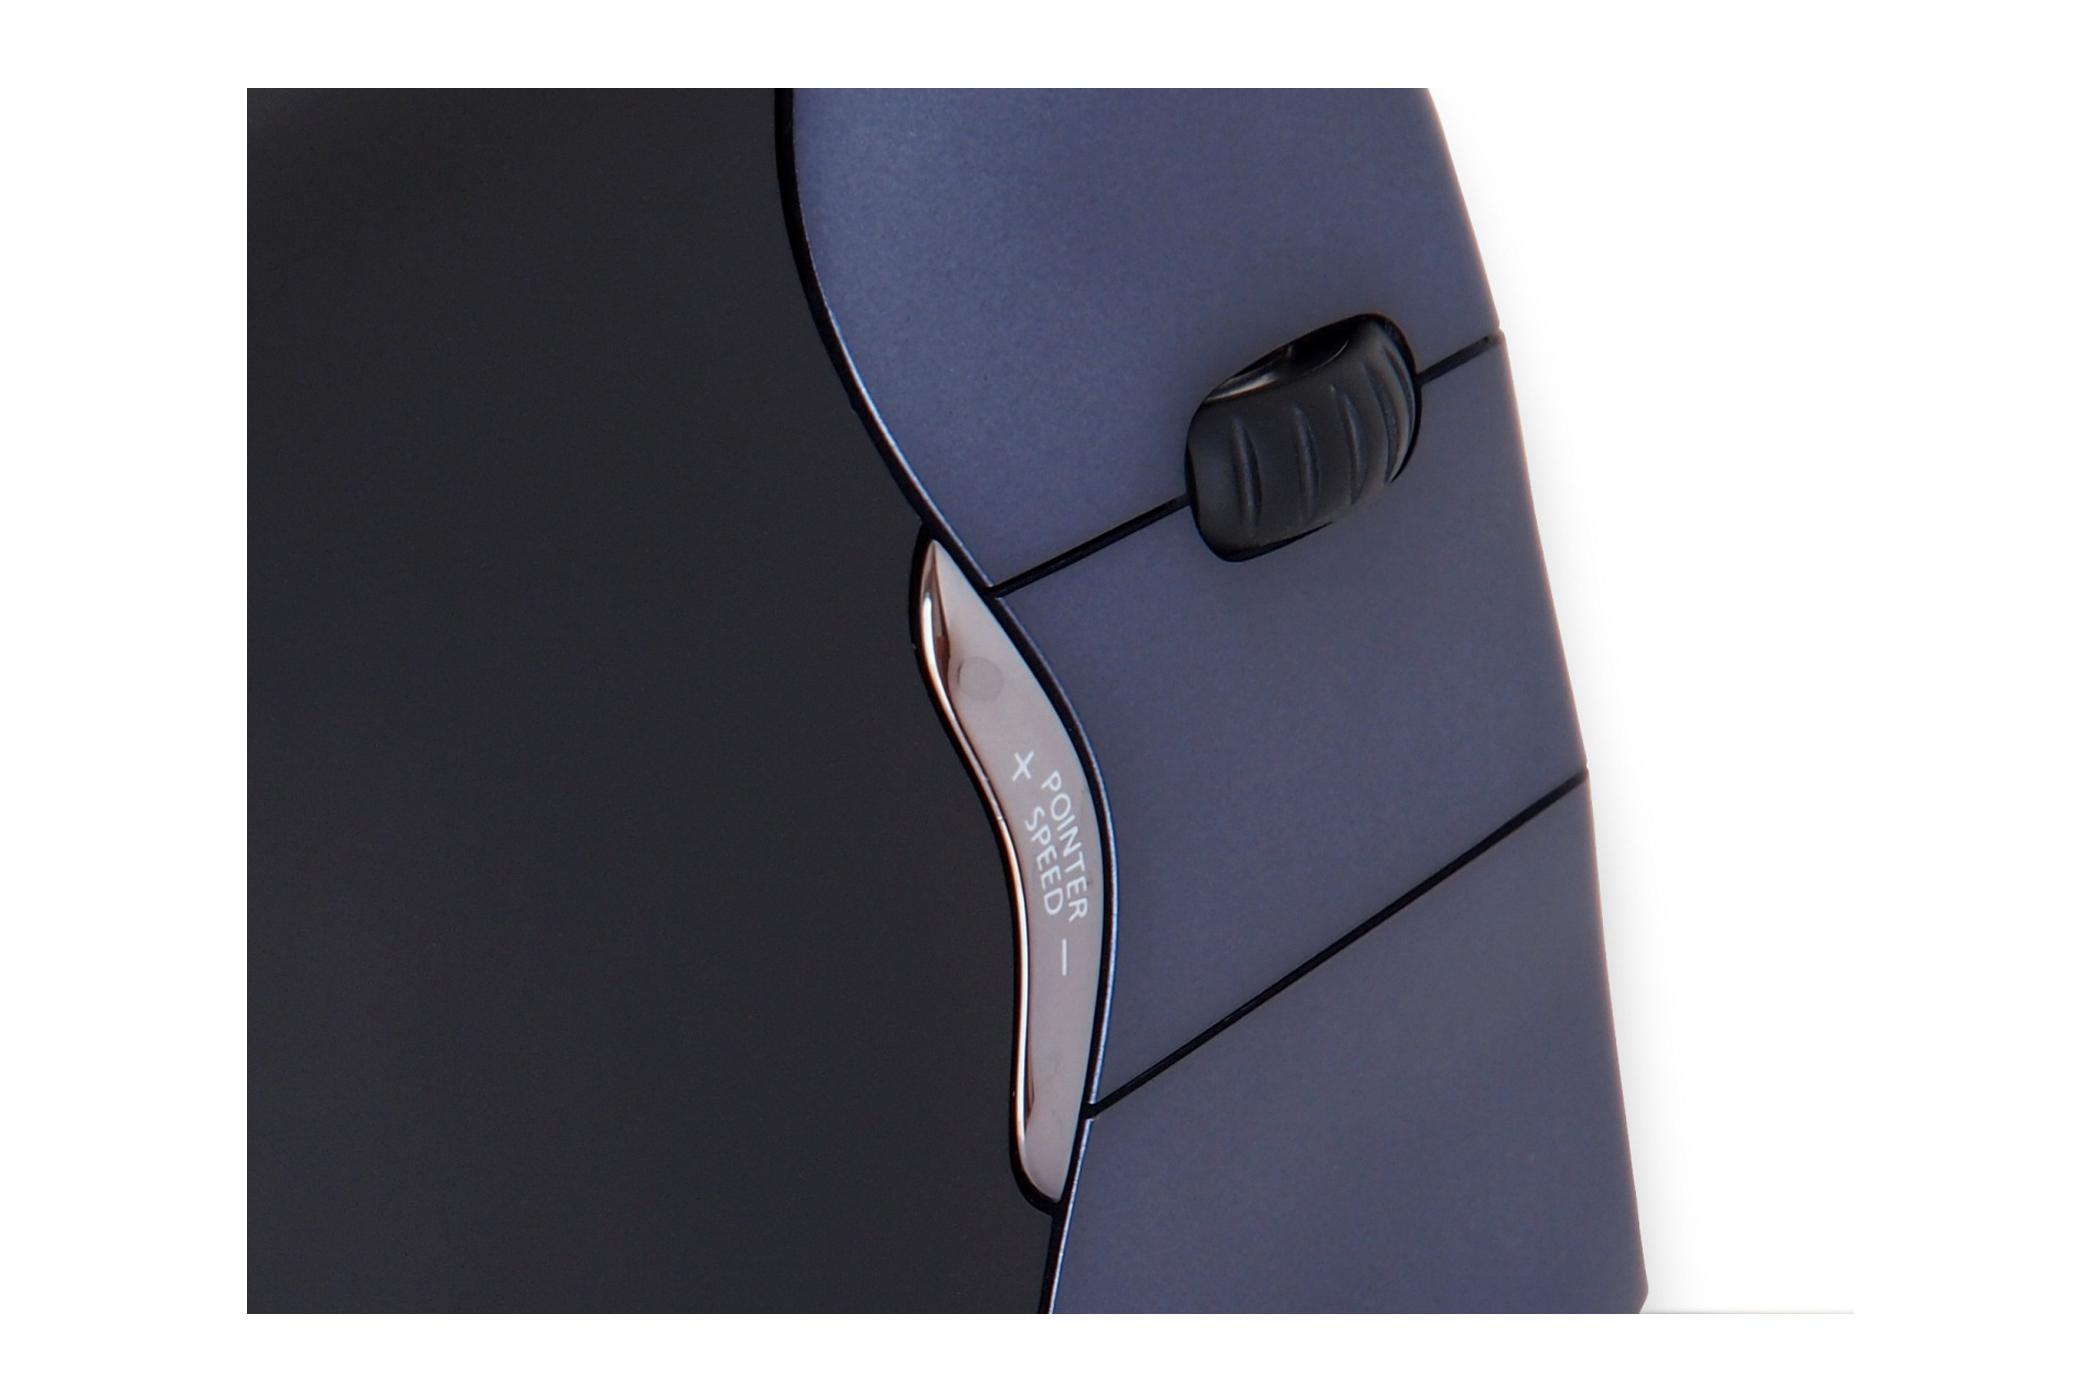 Evoluent 4 draadloze ergonomische muis Beste keuze! Ergo Specialist